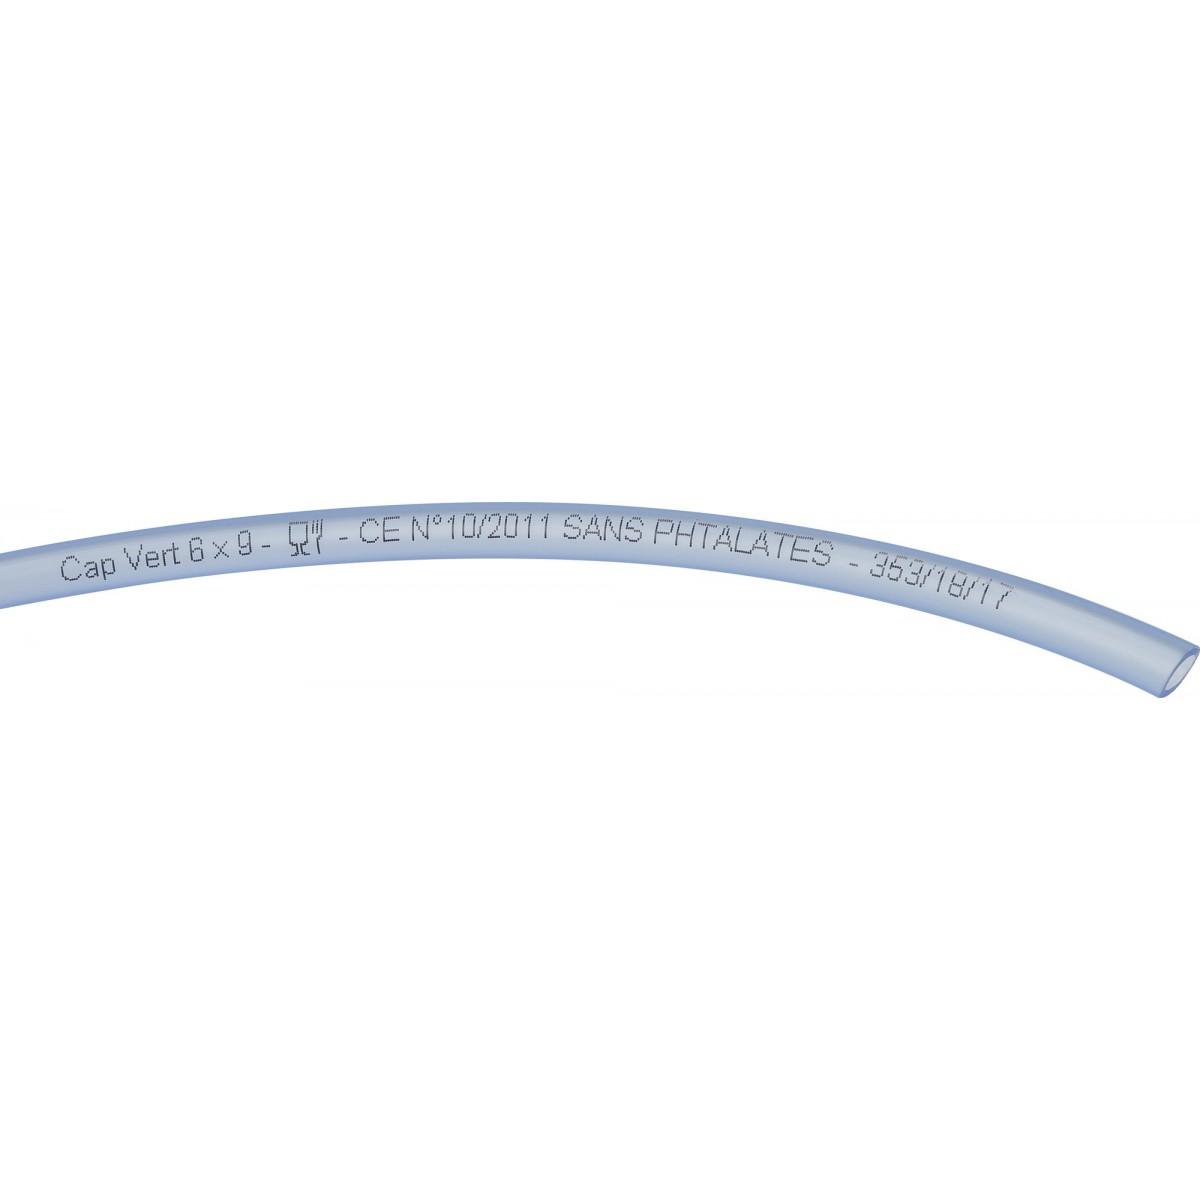 Tuyau cristal Cap Vert - Longueur 50 m - Diamètre intérieur 6 mm - Extérieur 9 mm